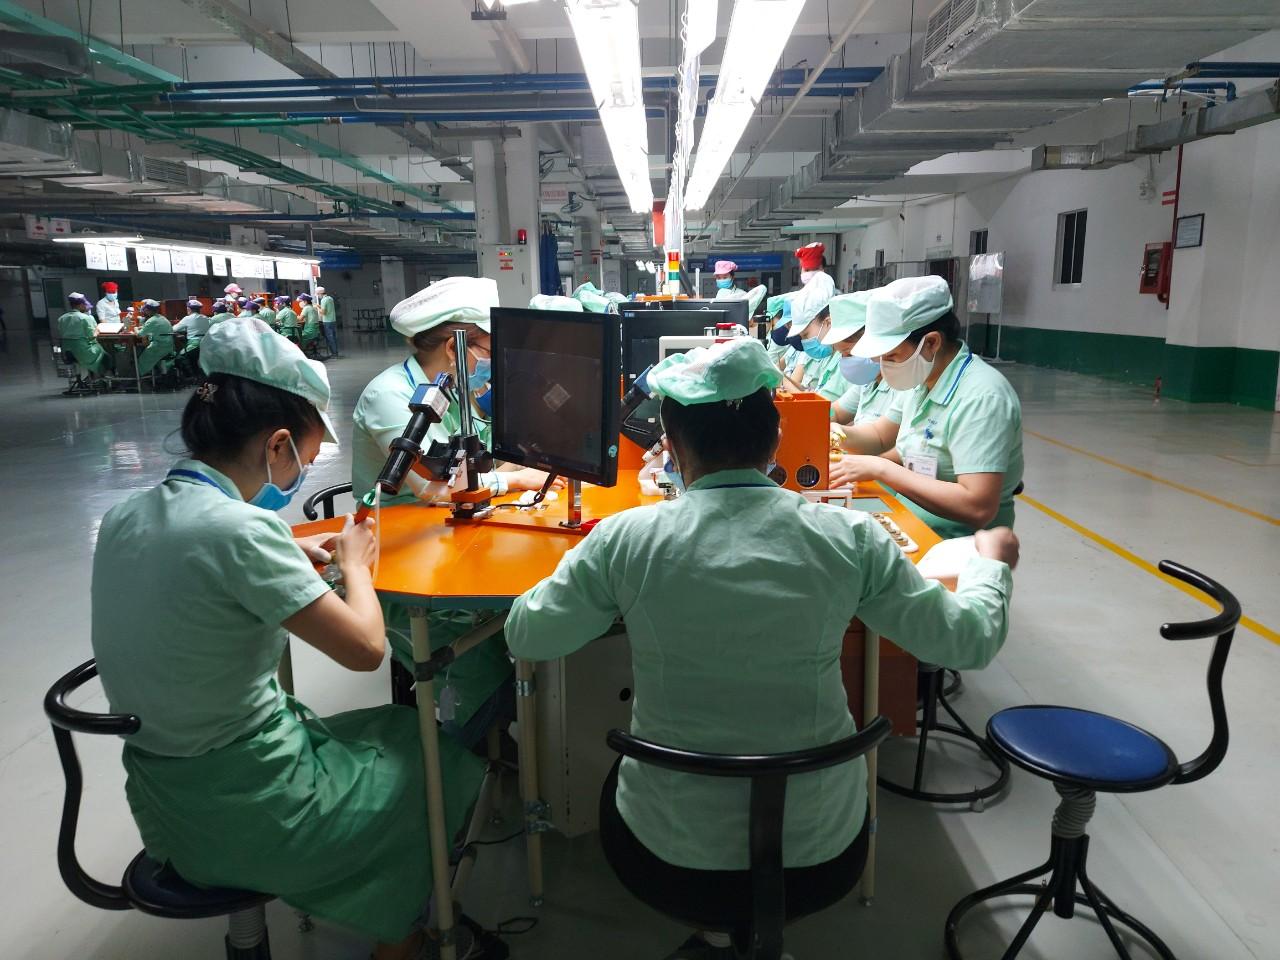 Chủ tịch TP Đà Nẵng gửi lời cảm ơn đến Bộ Y tế và các thầy thuốc nơi tuyến đầu 0